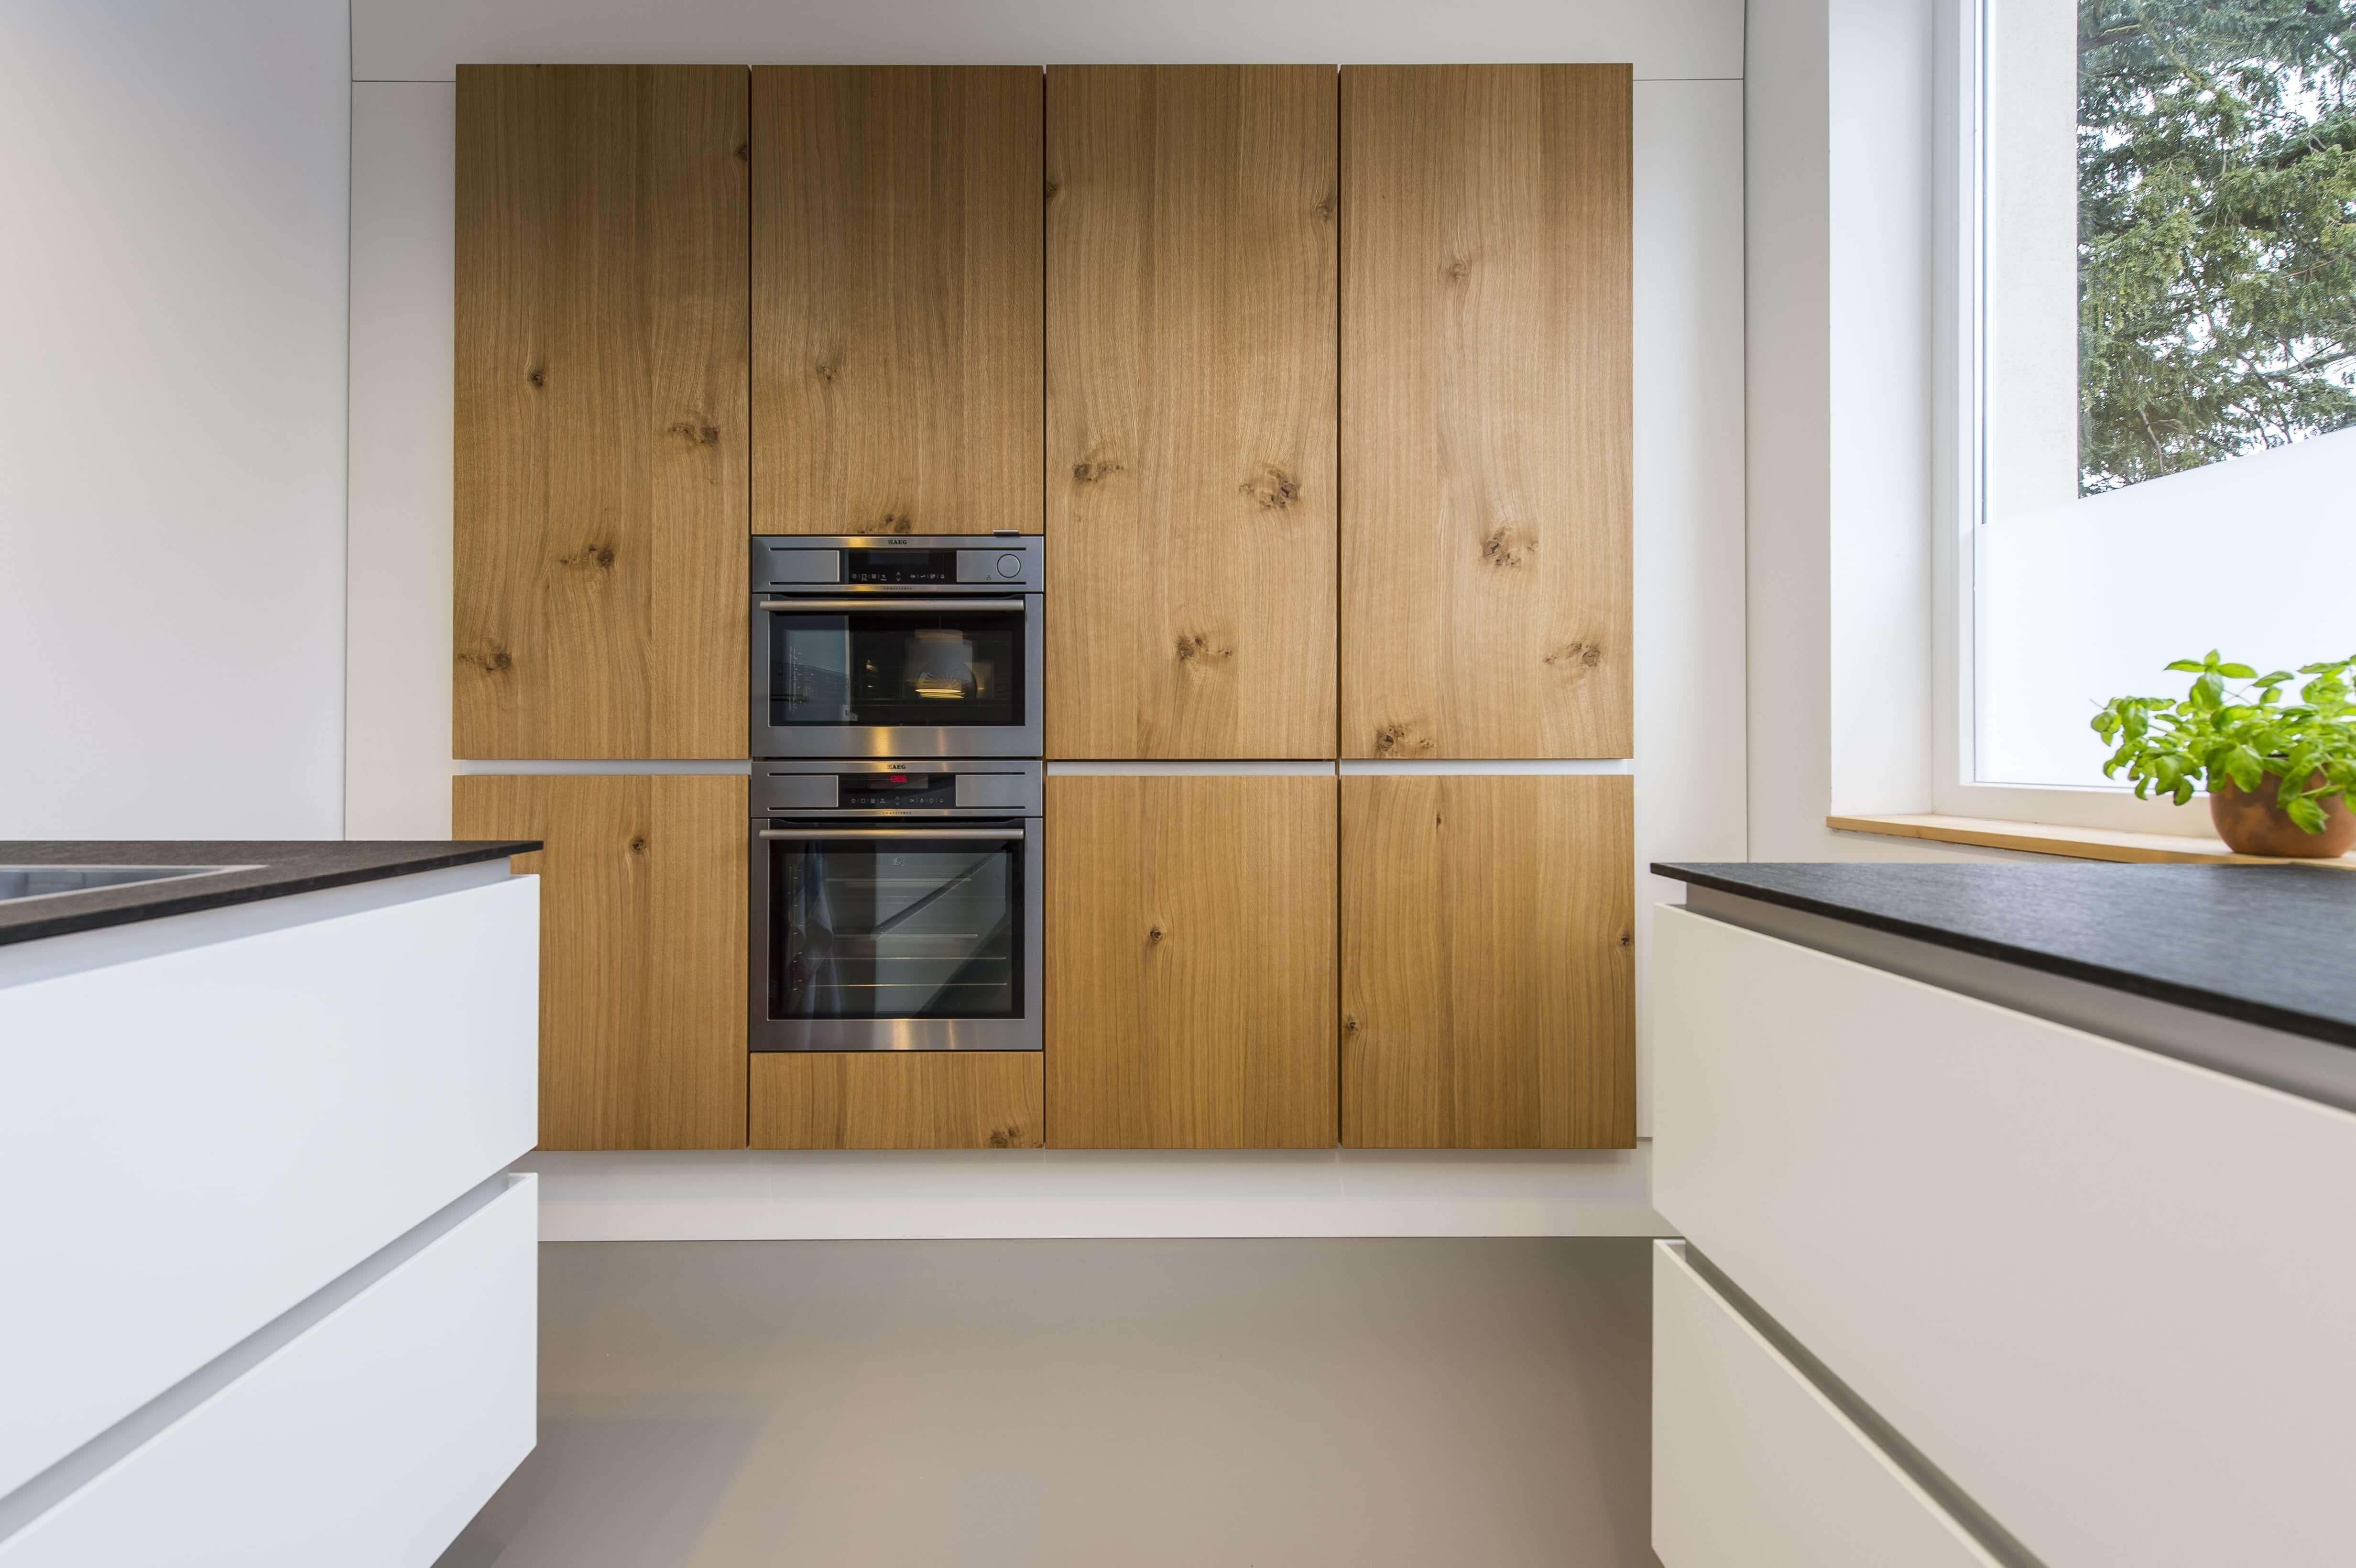 skandinavisches design moderne wohnk che im alten weinmeisterhaus skandinavische k chen. Black Bedroom Furniture Sets. Home Design Ideas